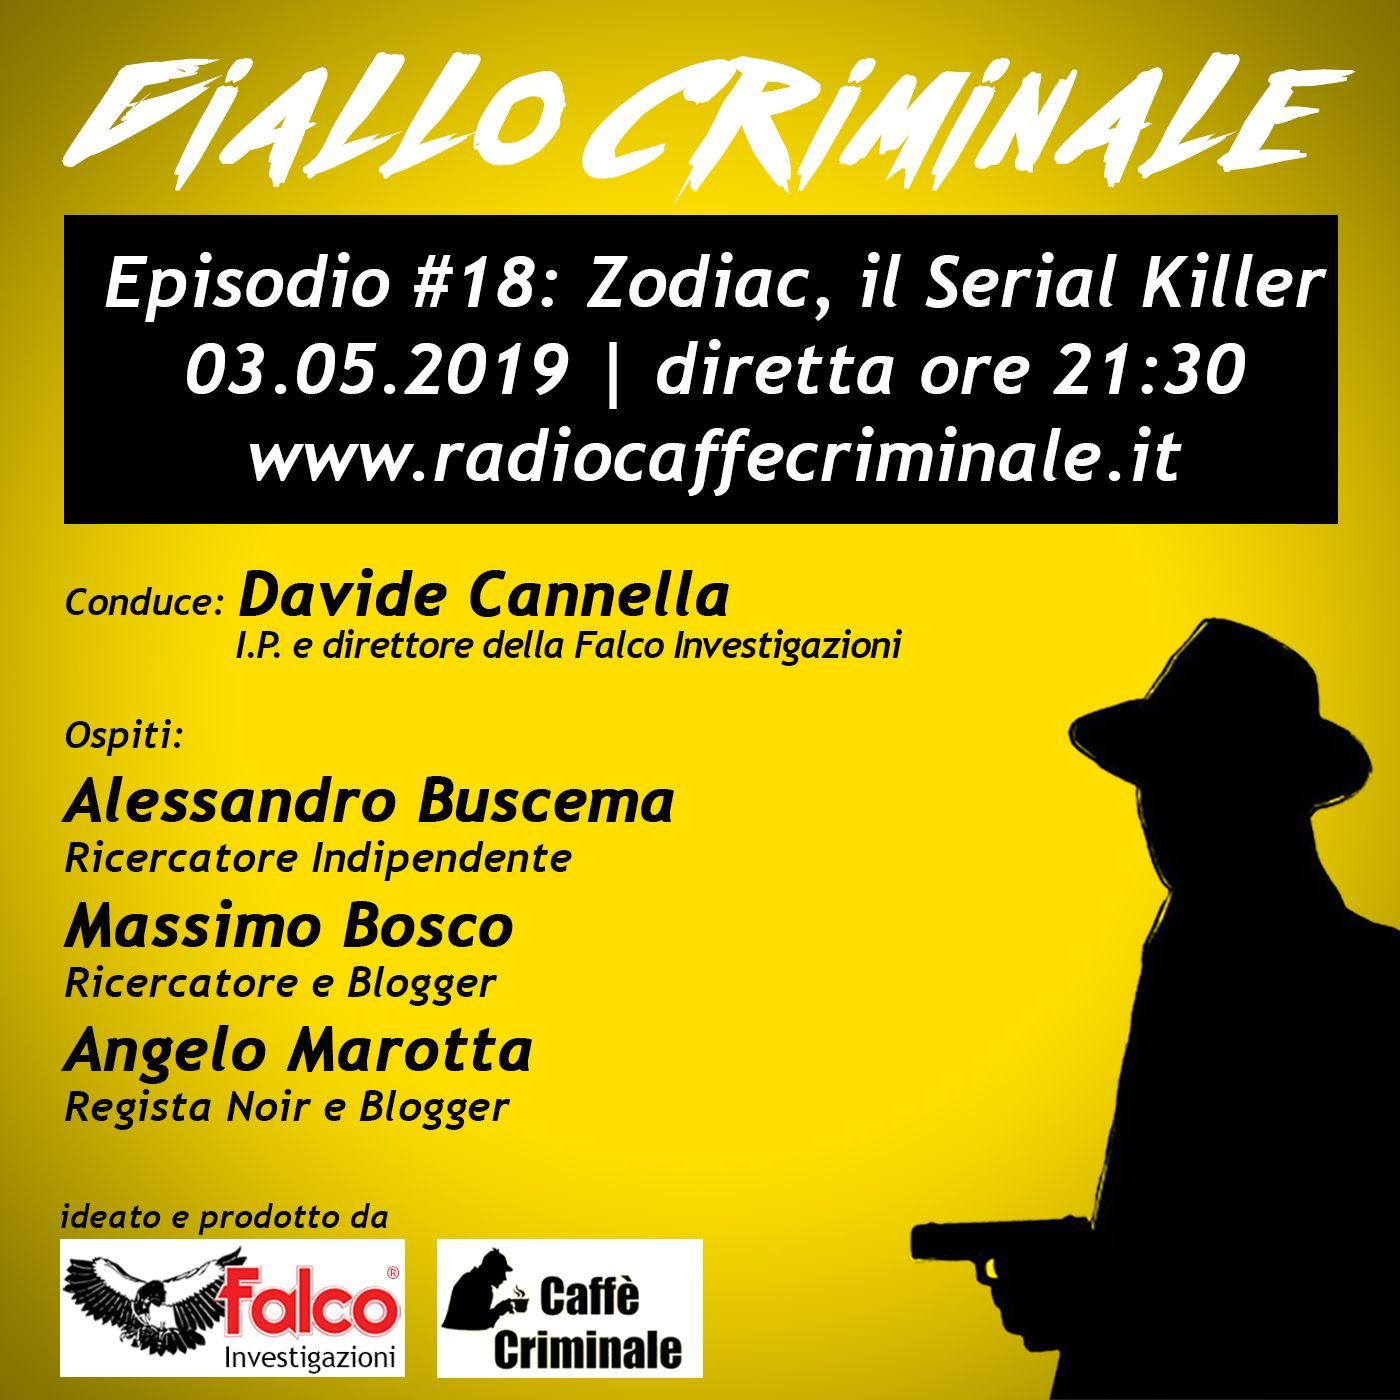 #18 Episodio | Zodiac, il Serial Killer_03.05.2019